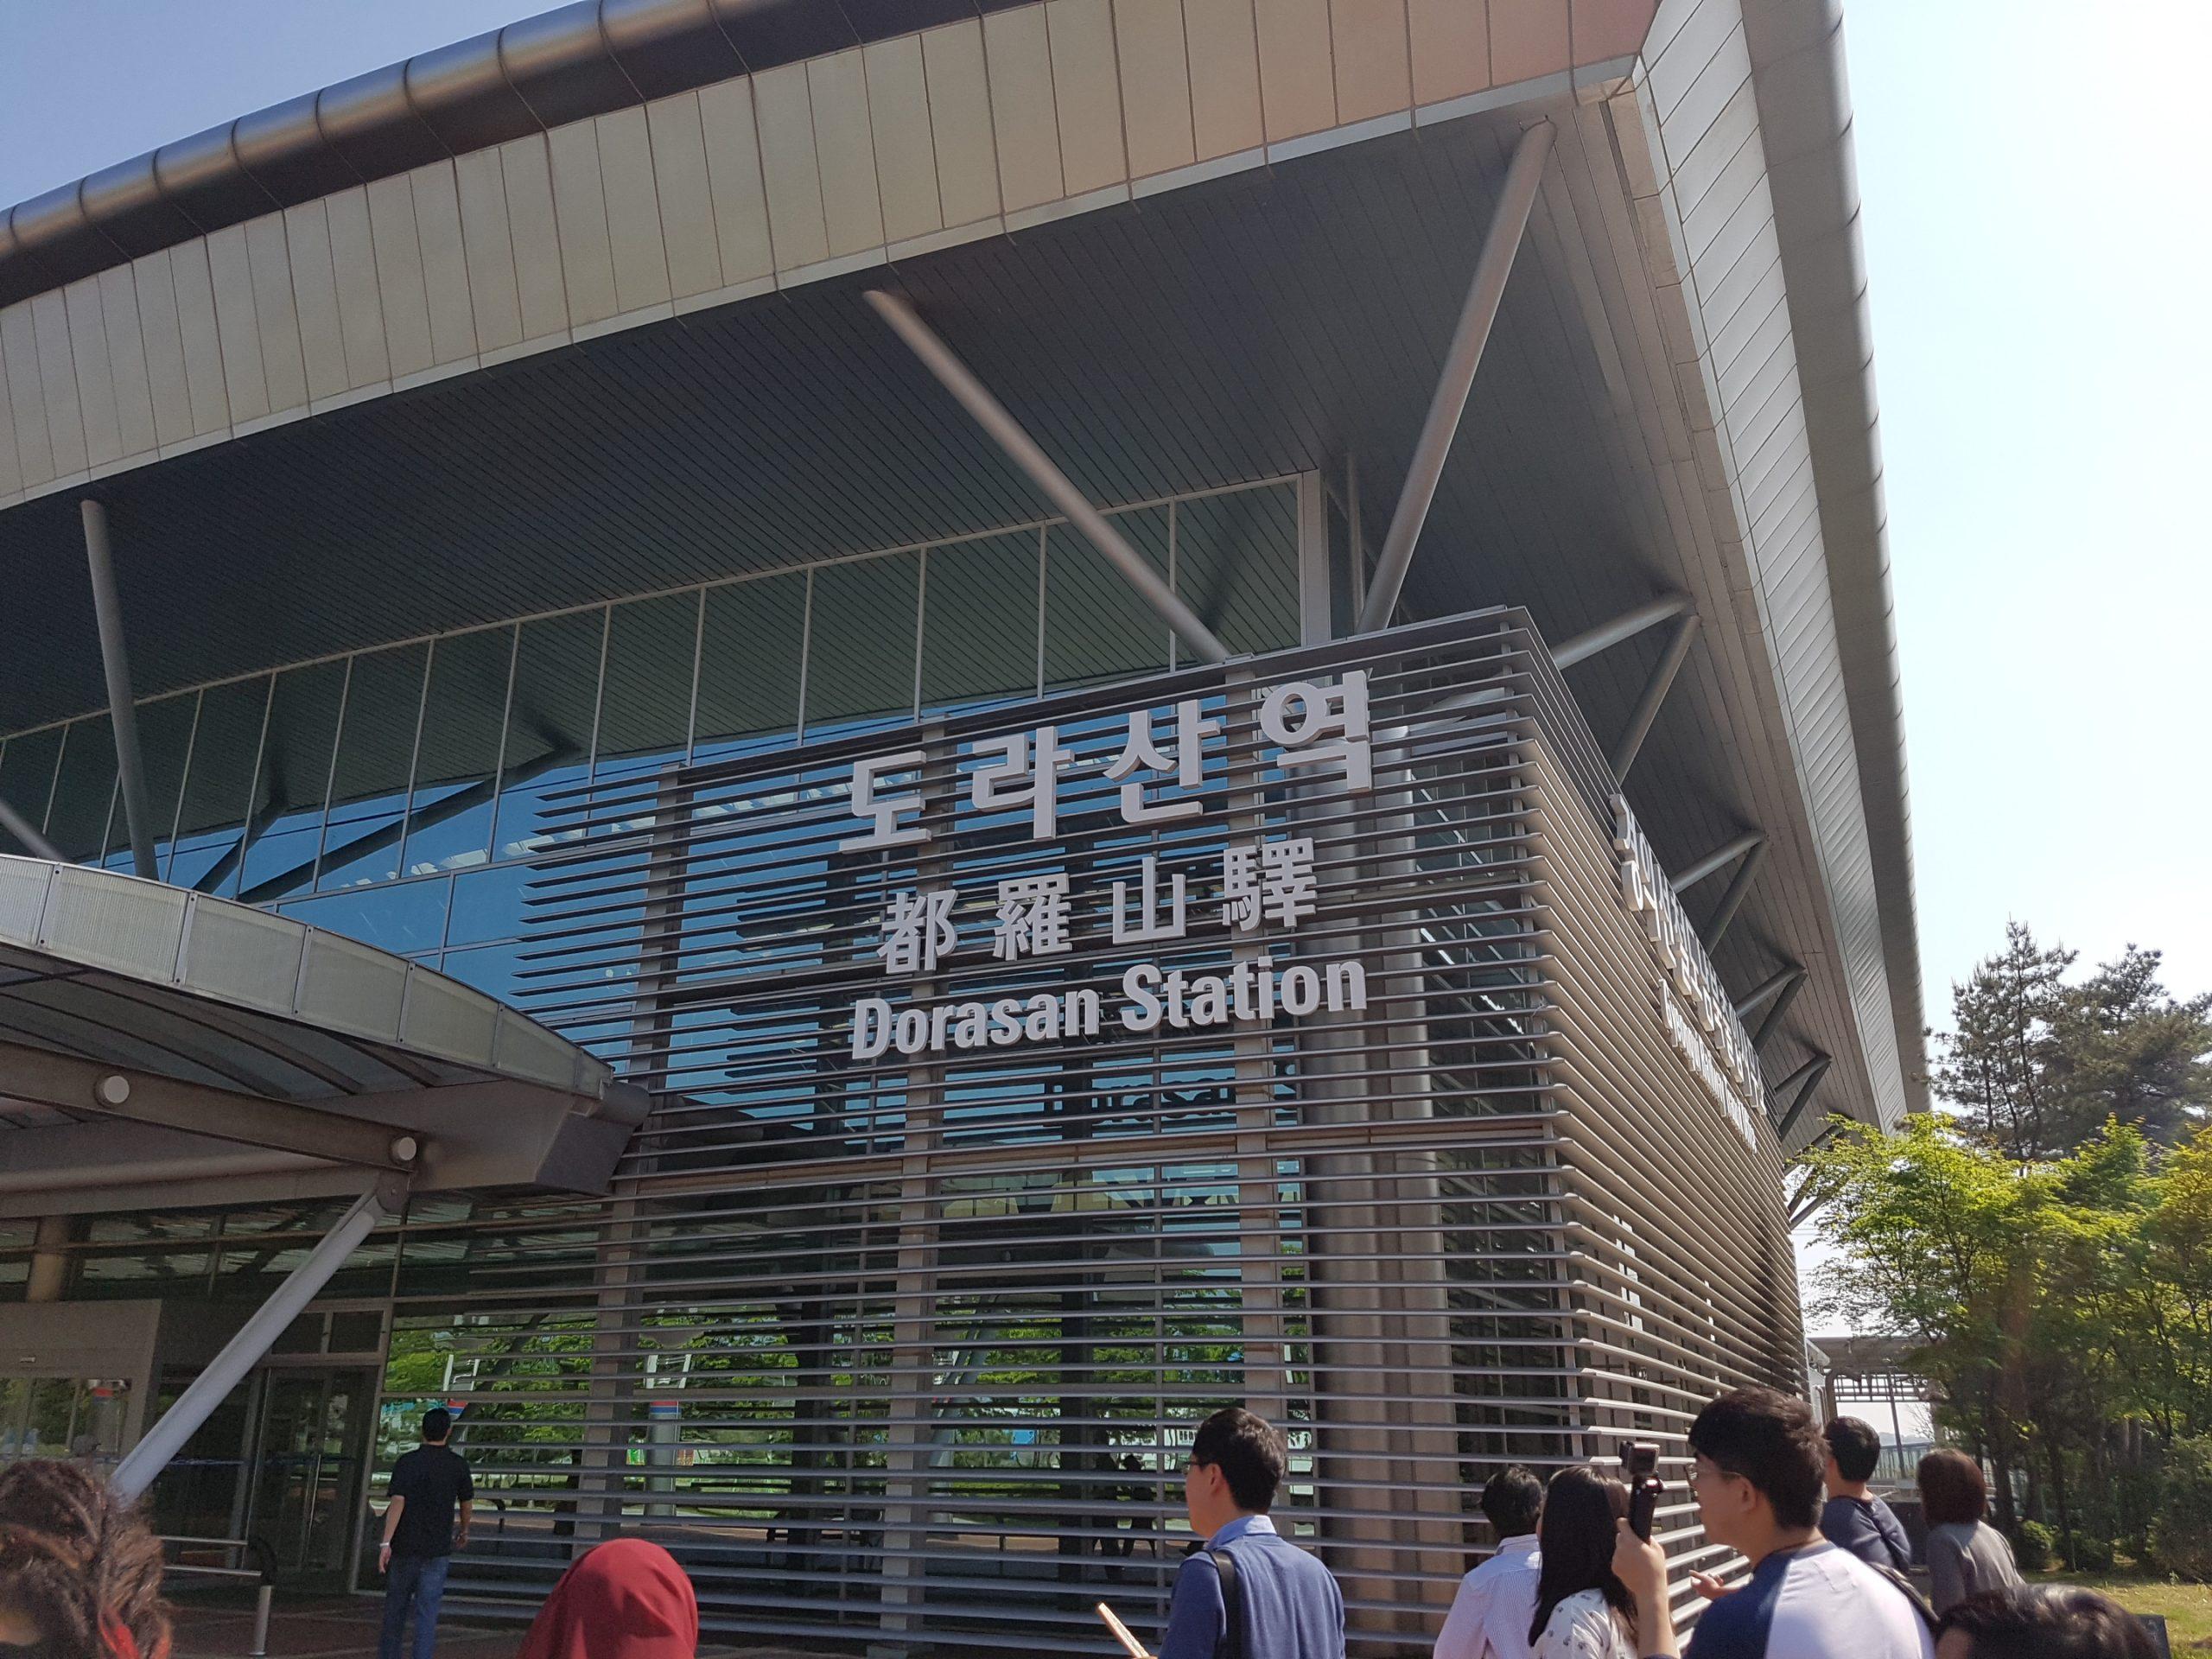 south korea DMZ tour Dorasan Station 2